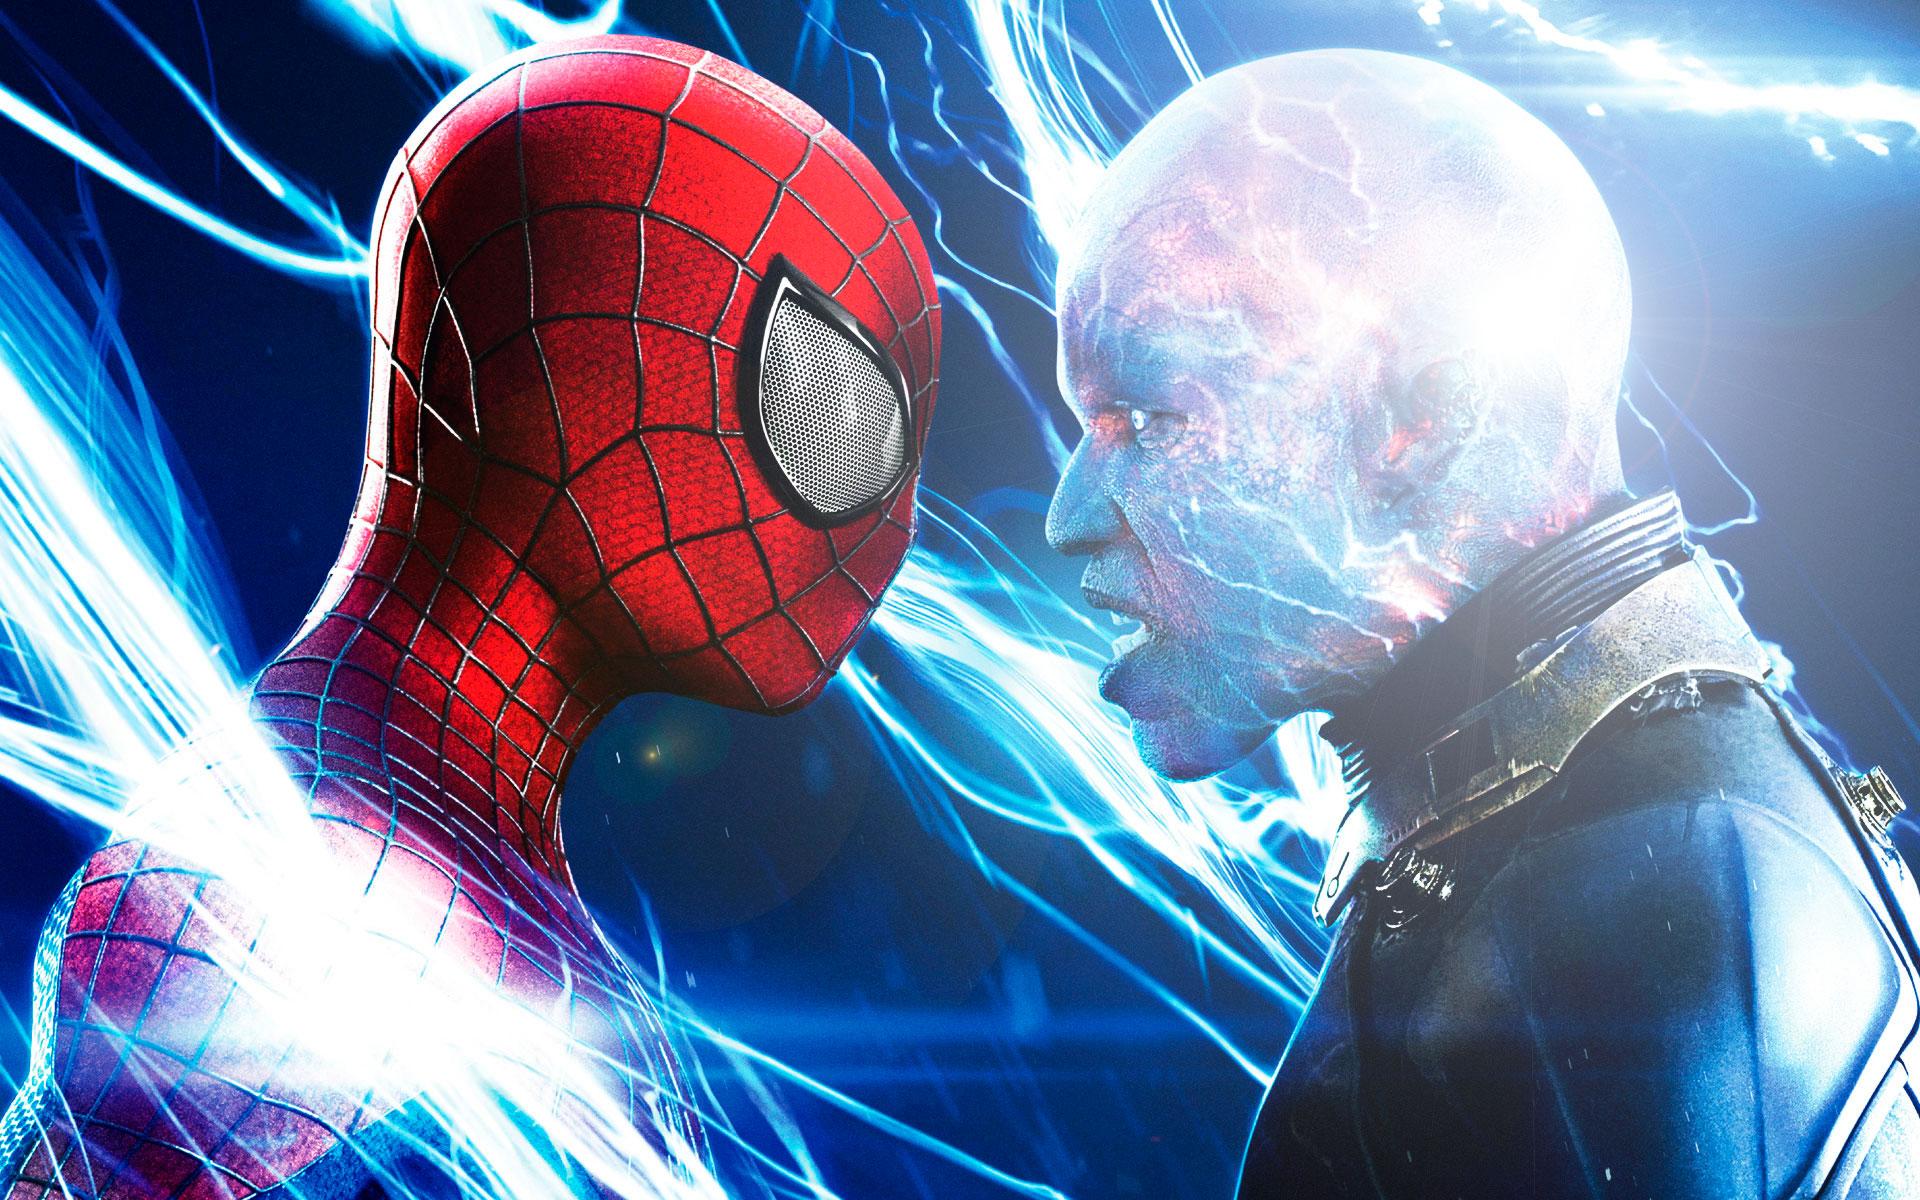 Imágenes De Spiderman, Fotos Del Hombre Araña Y Fondos